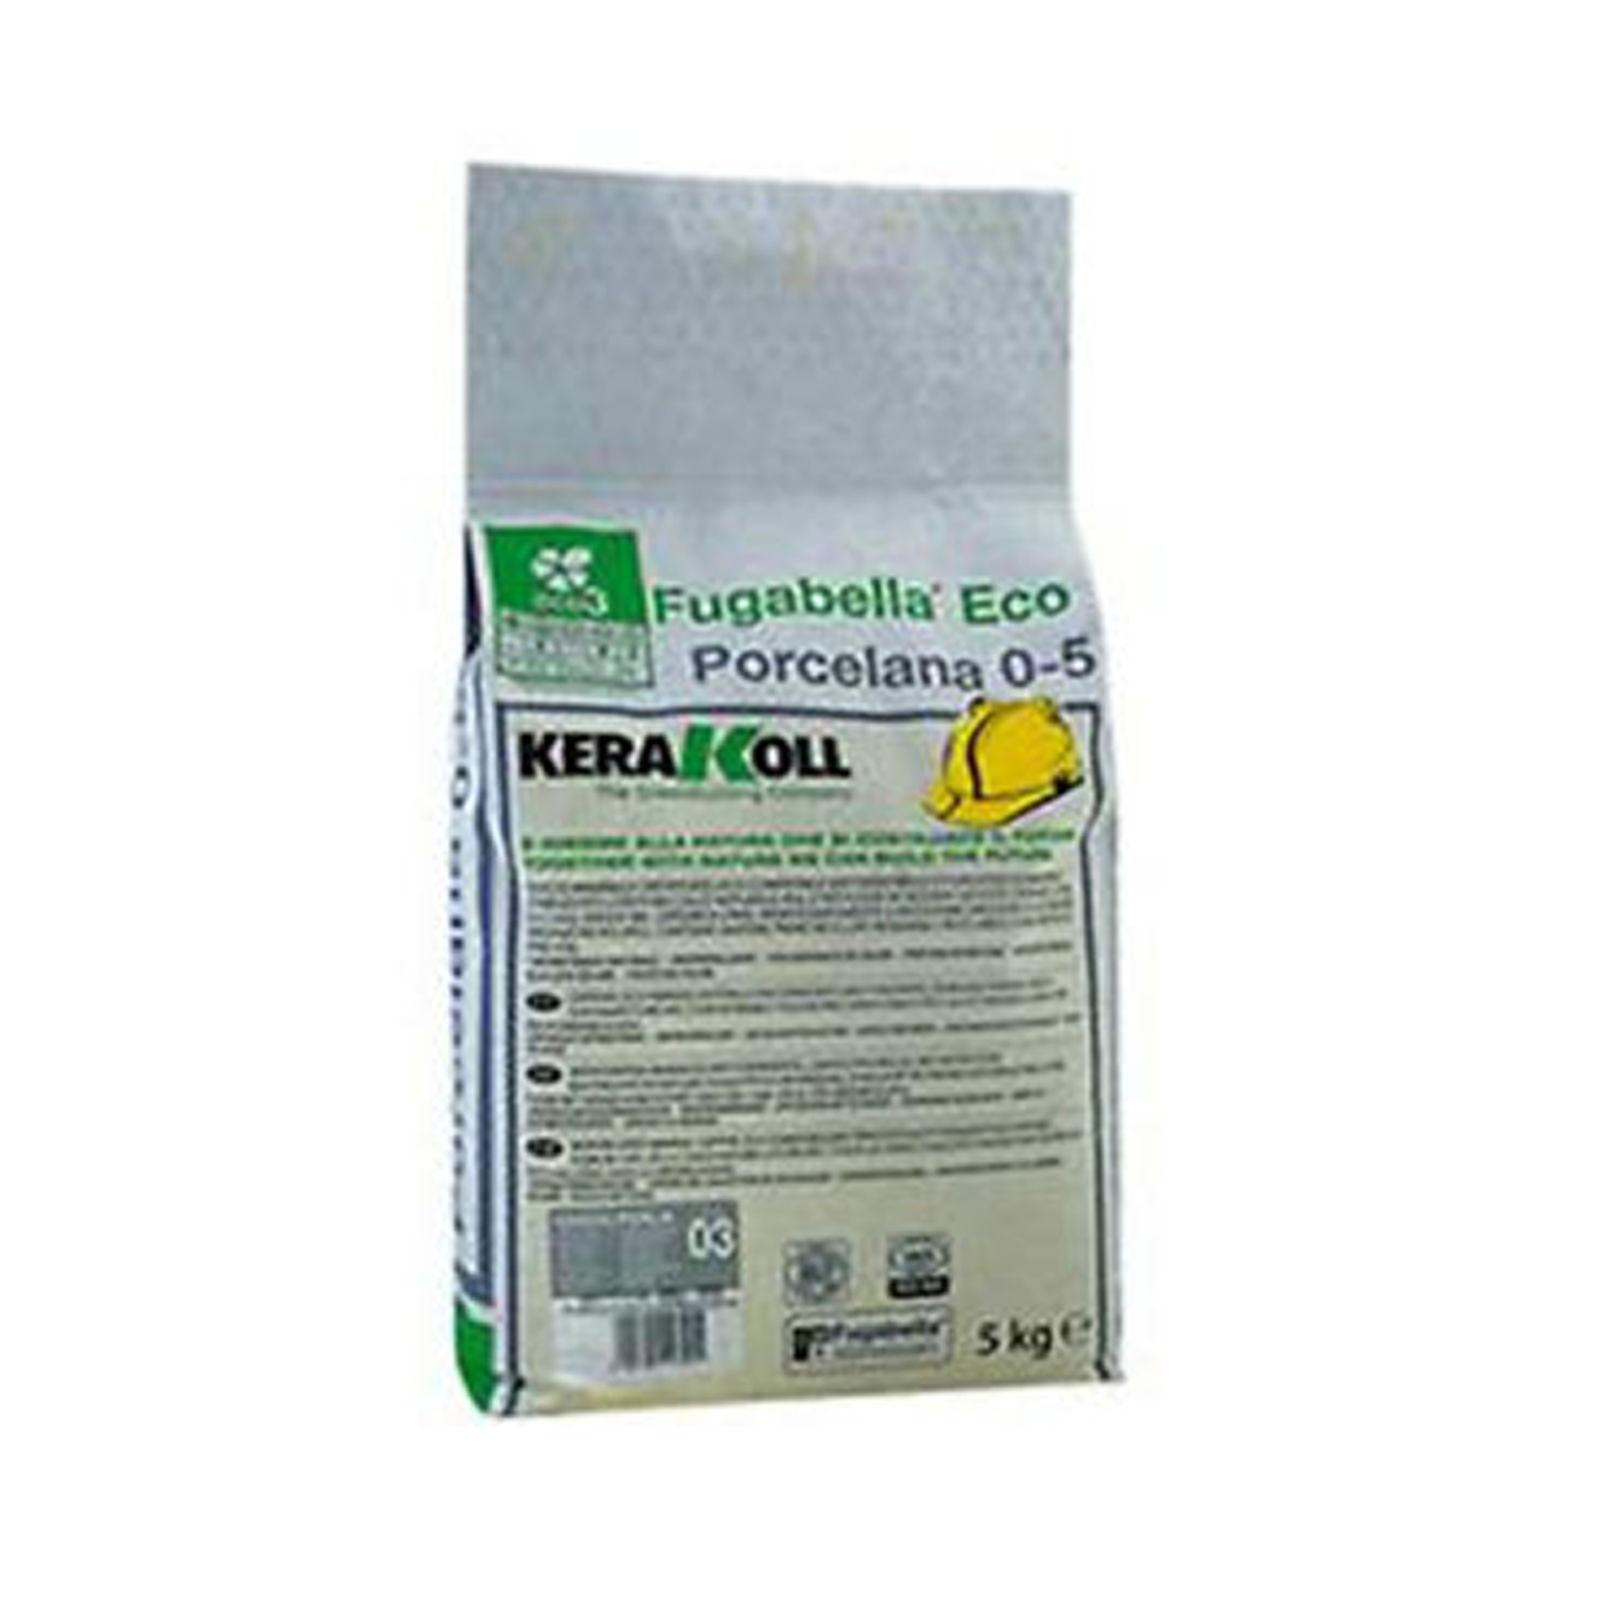 Kerakoll fugabella eco porcelana 0-5 fuga stucco per piastrelle oceano kg5